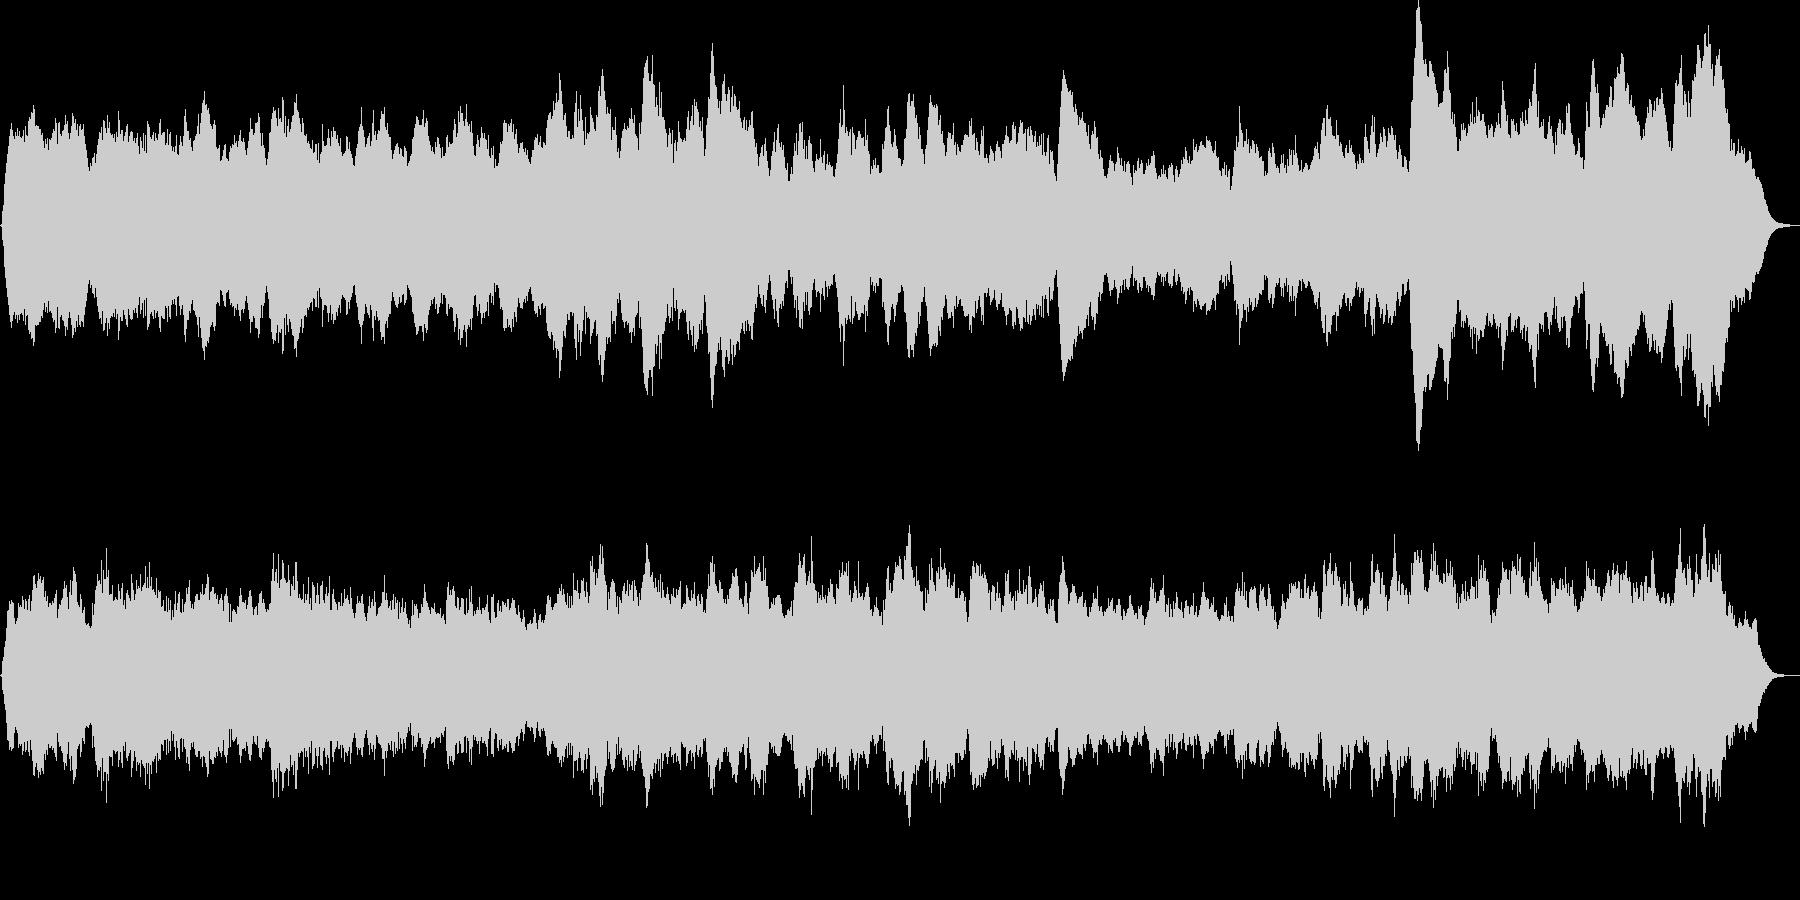 パイプオルガンのバッハ風オリジナル曲ですの未再生の波形